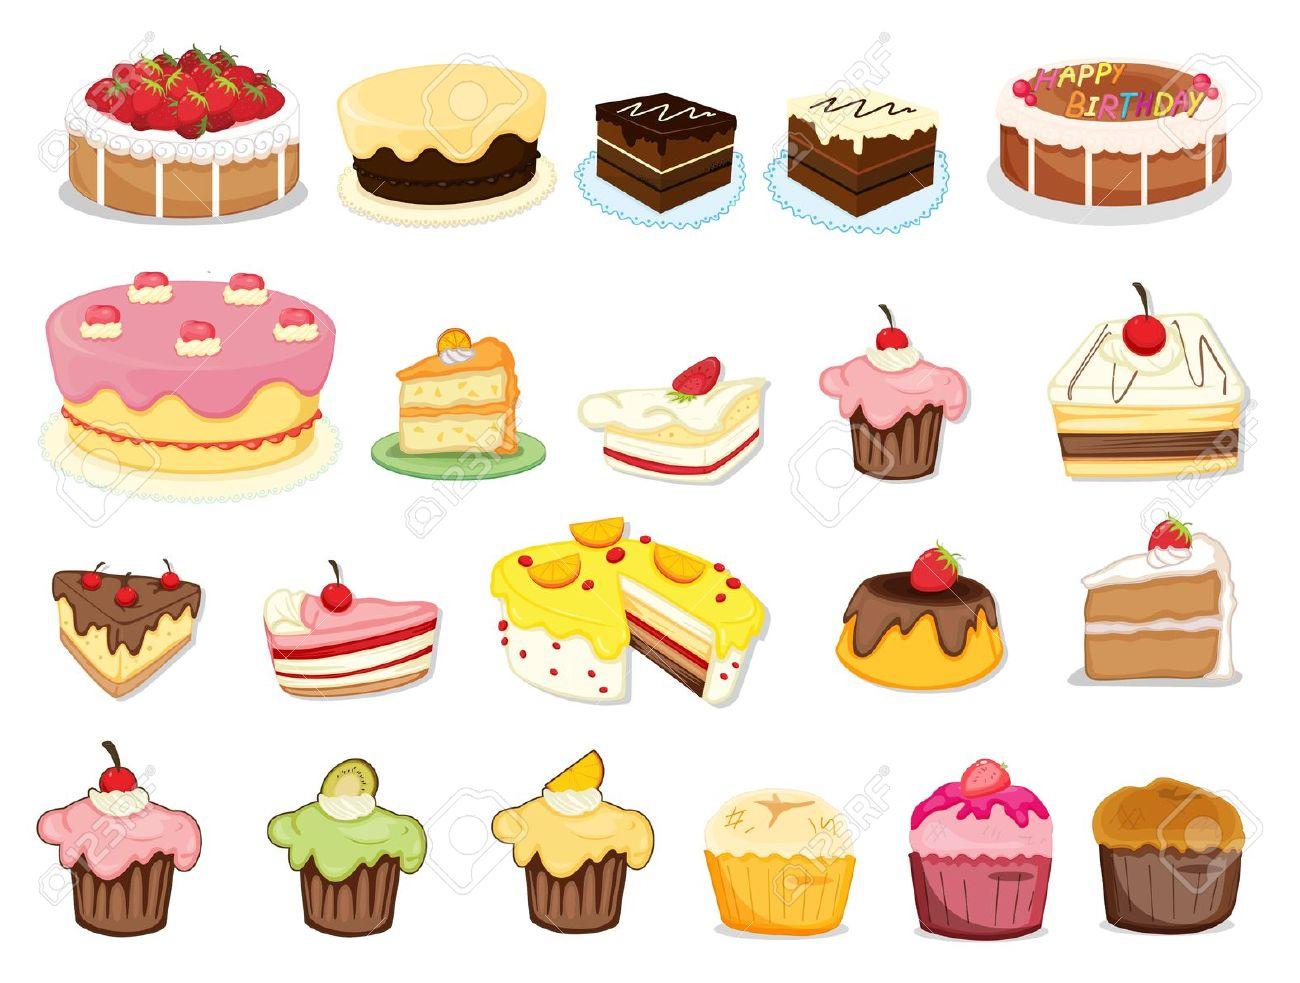 Dessert clipart 2